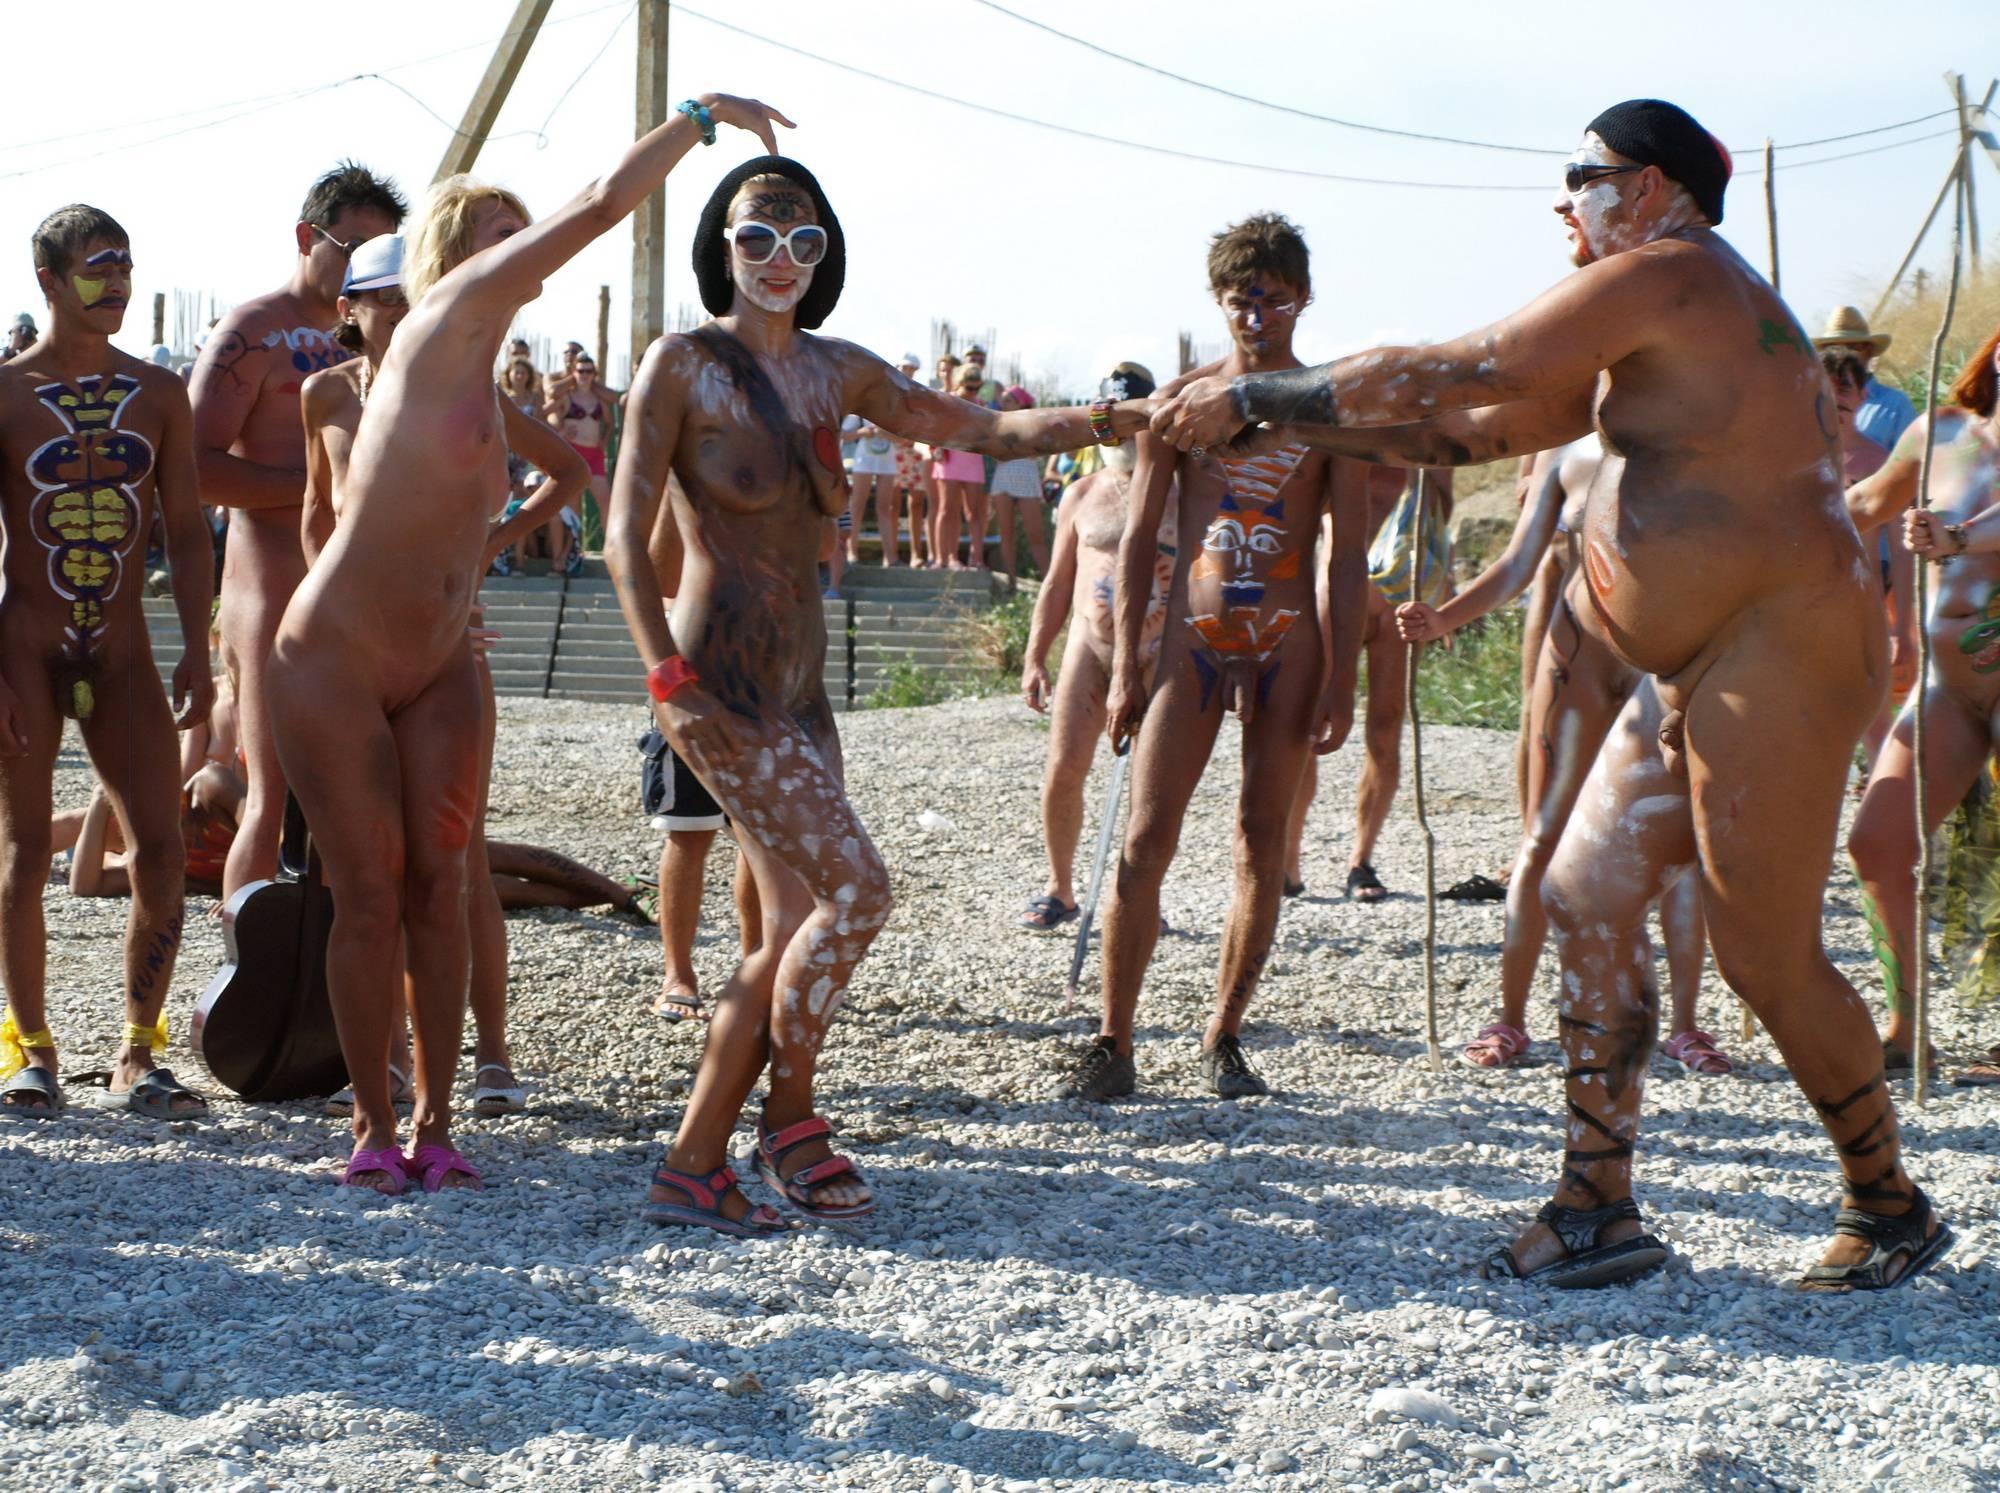 Nudist Photos Nudist Event Host Dancing - 1